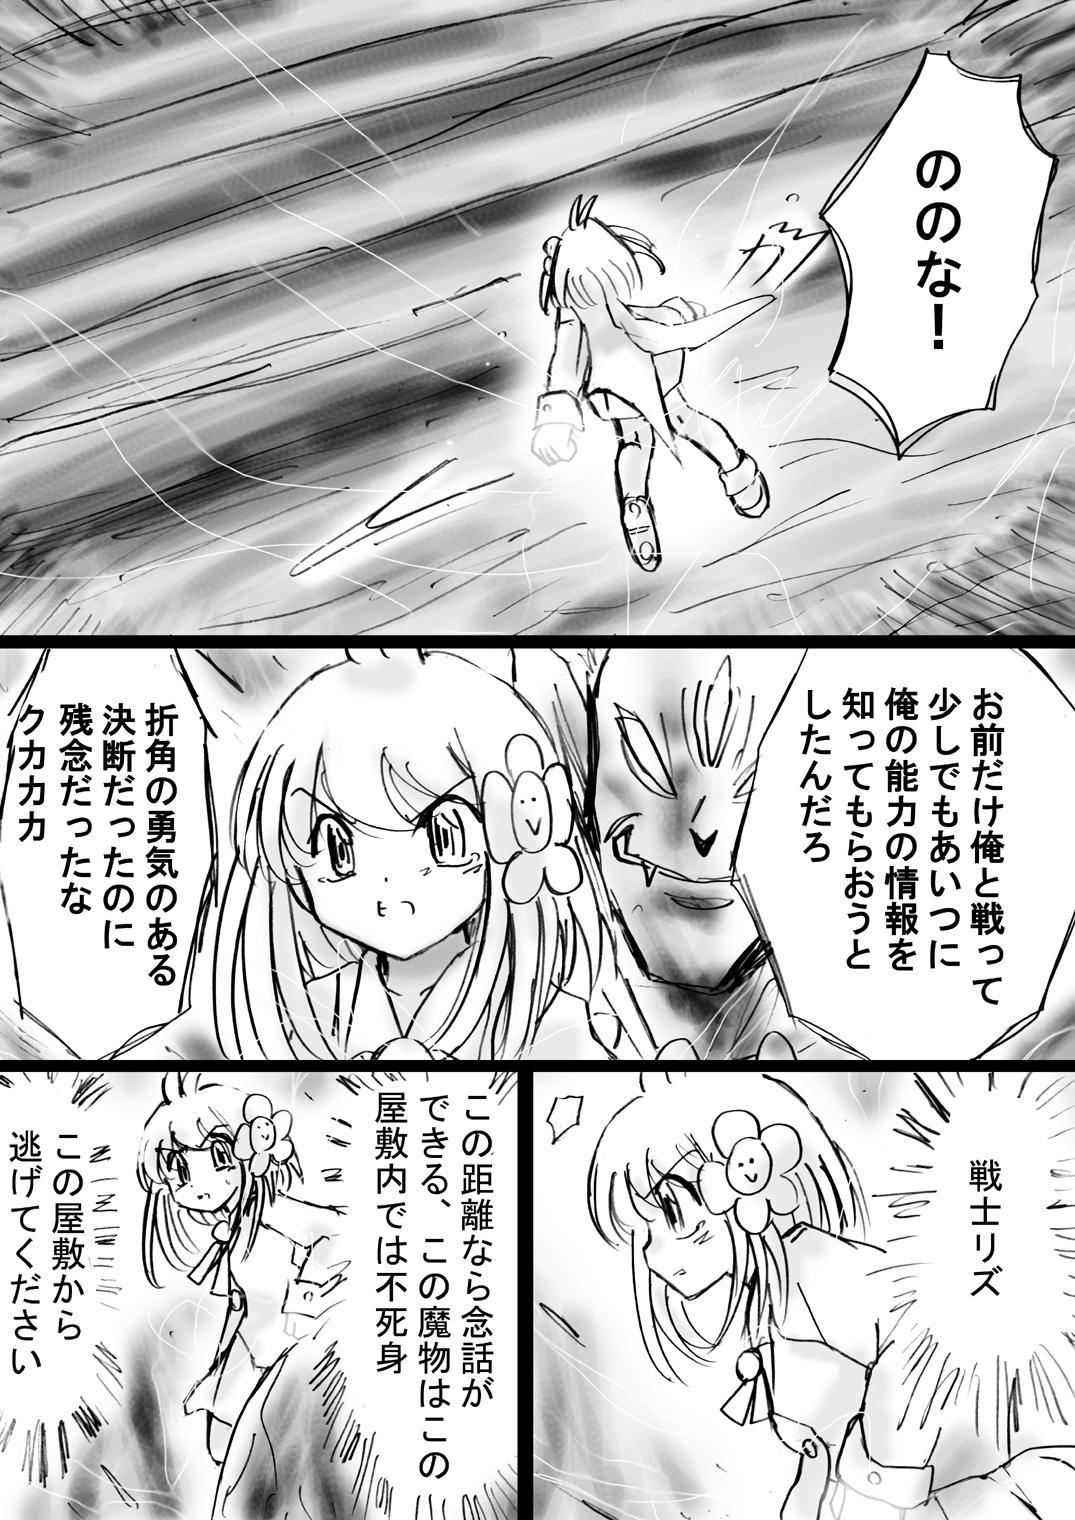 [Dende] Fushigi Sekai -Mystery World- no Nona 17 ~ Taiketsu Fujimi no Dai Inma Dakurasu, Kanzen Sekka no Kyoufu 35